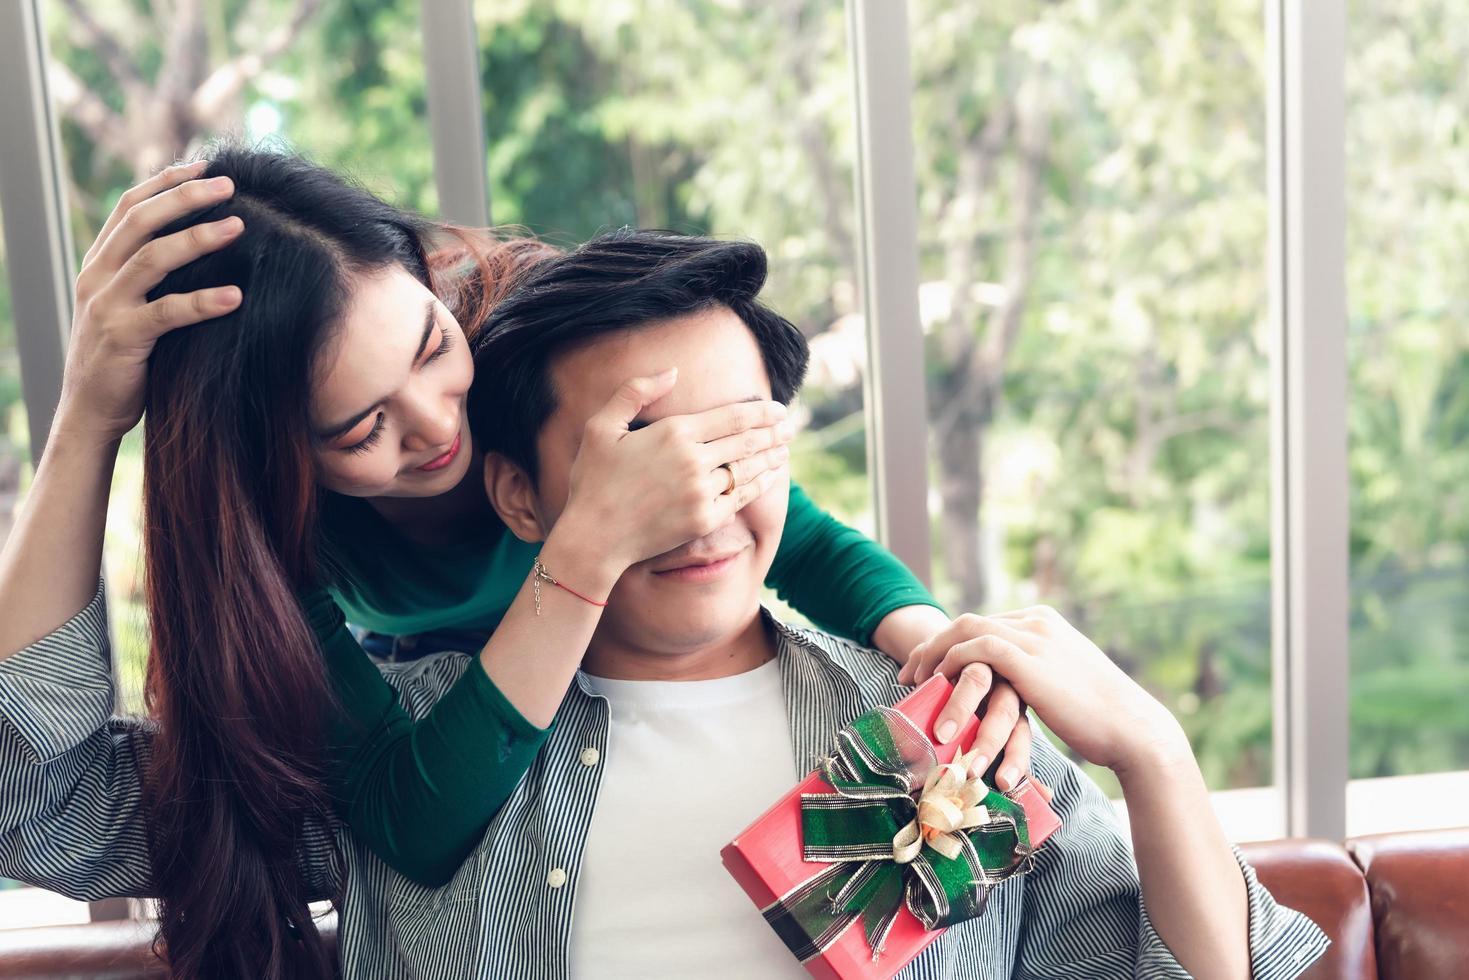 vrouw verrast vriendje met cadeau voor Valentijnsdag foto